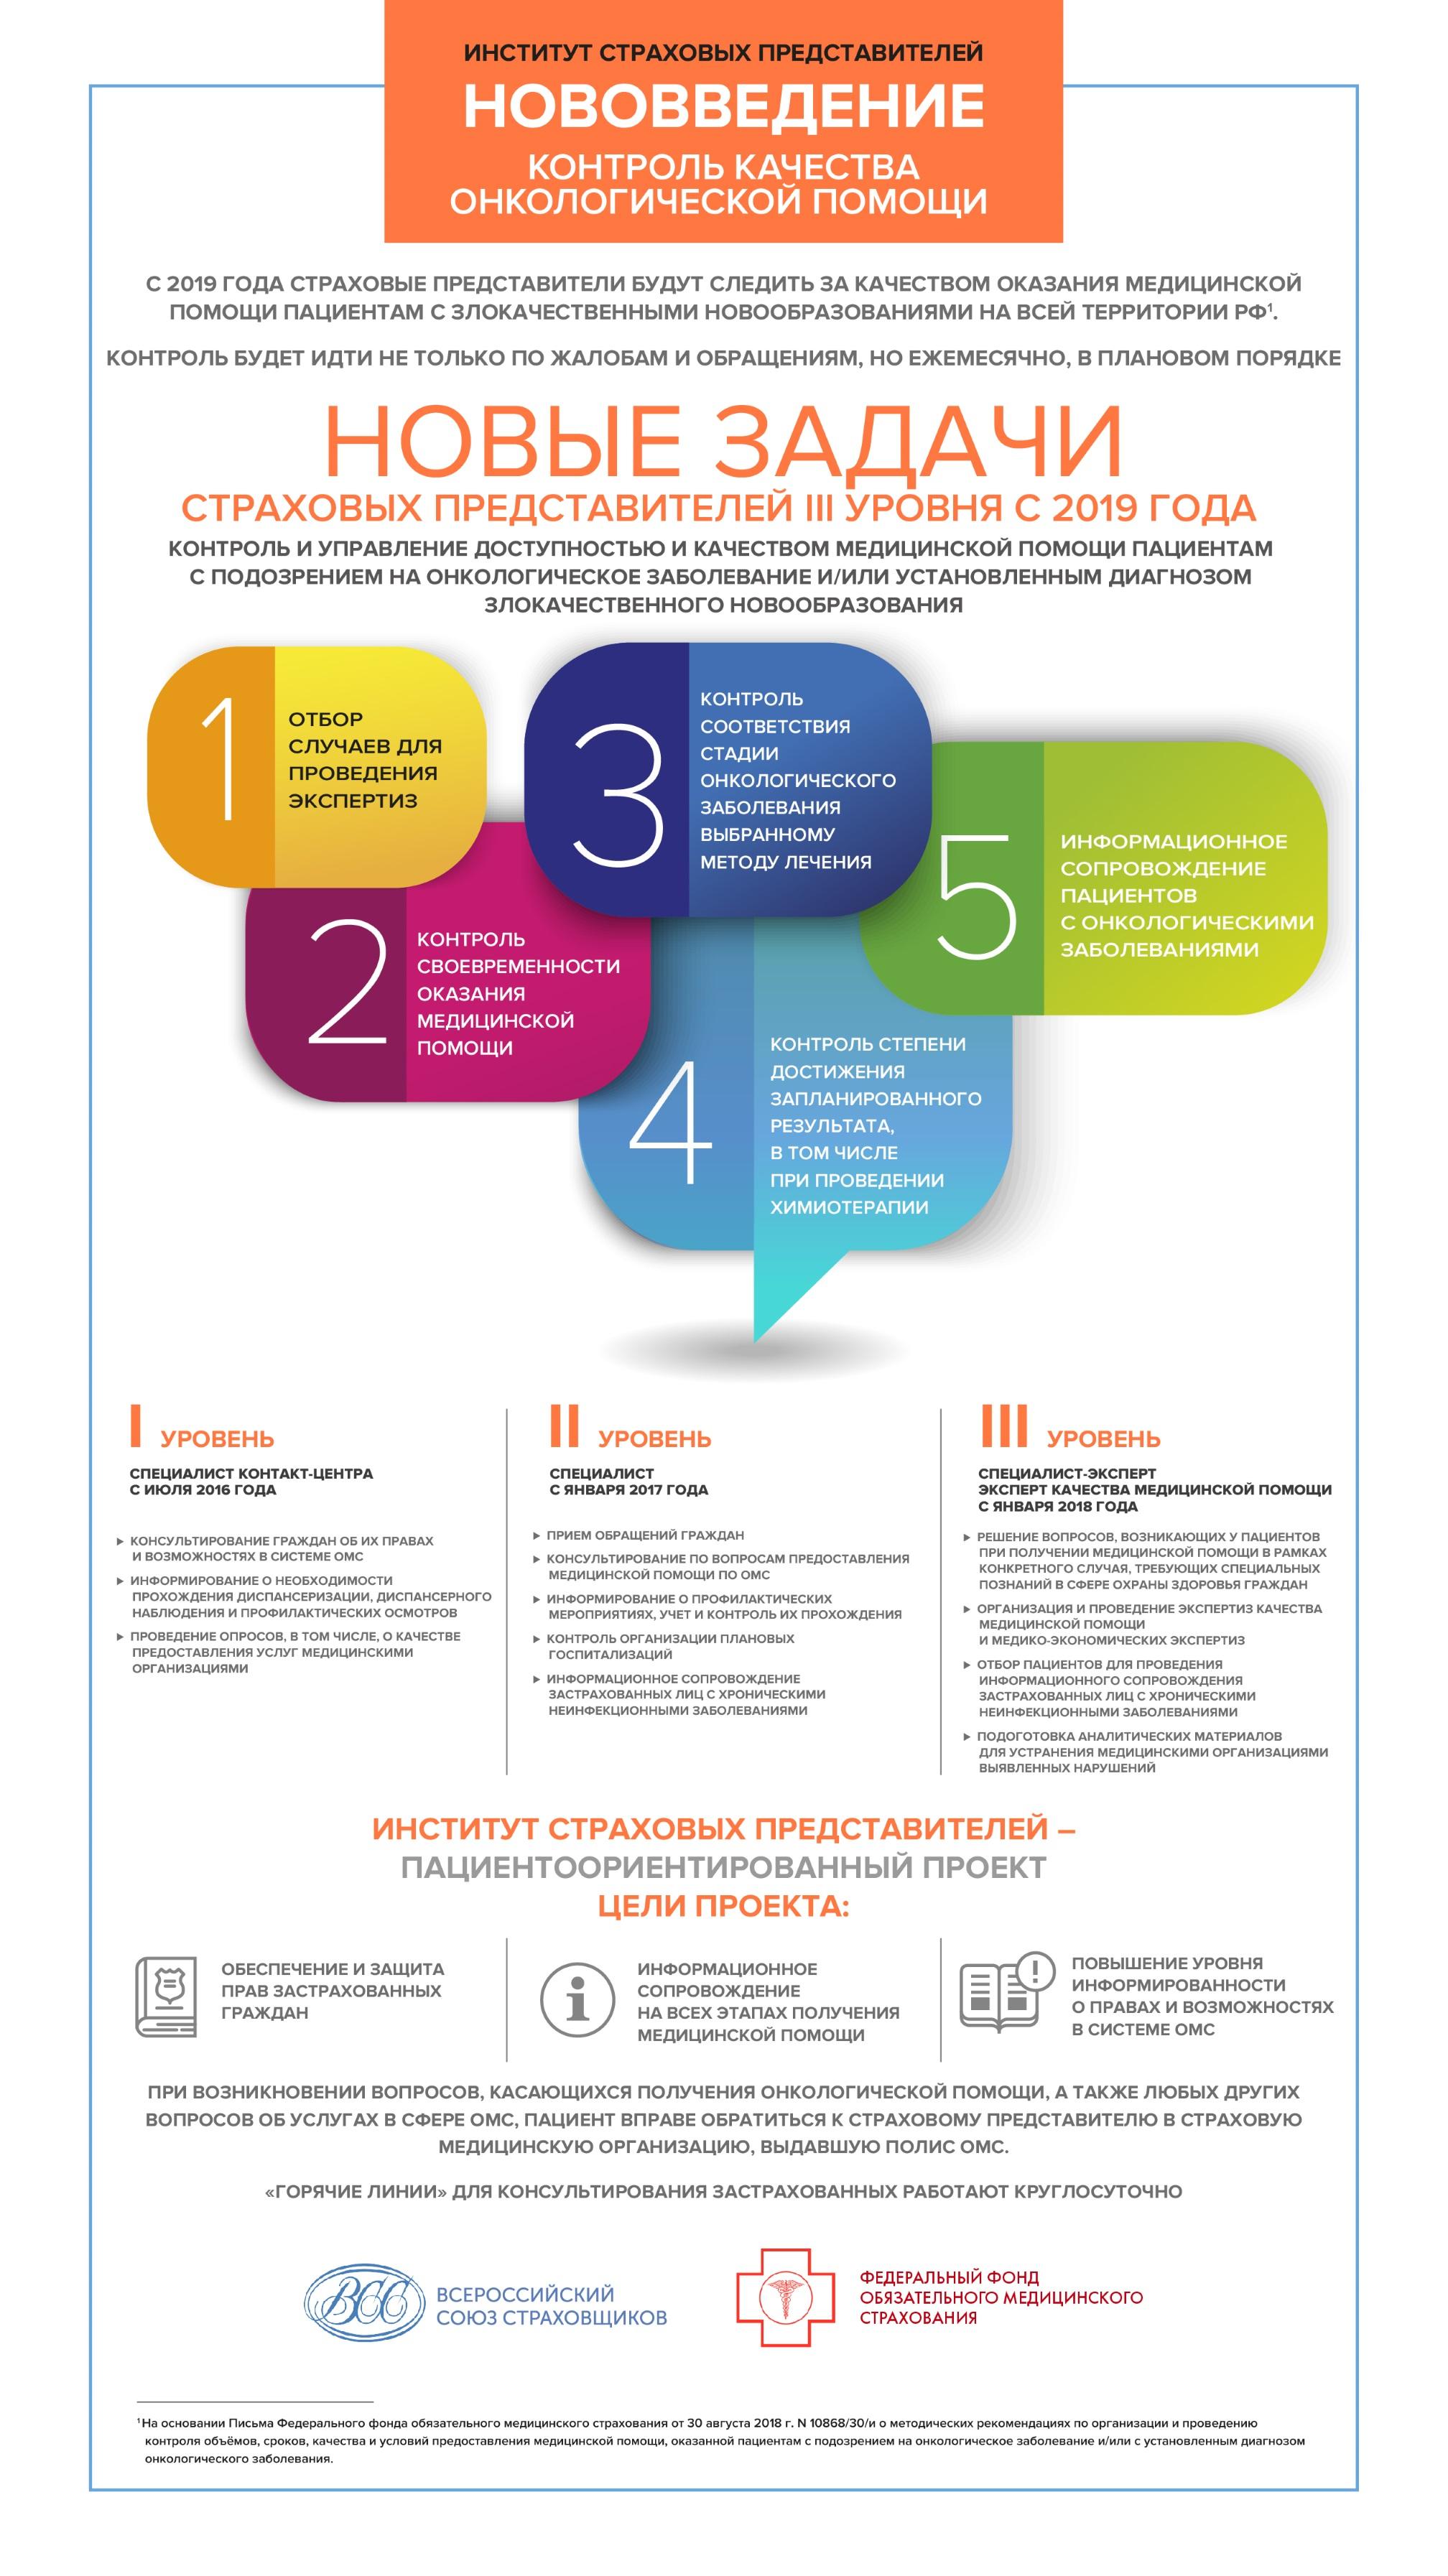 N 10868/30/и о методических рекомендациях по организации и проведению контроля объёмов, сроков, качества и условий предоставления медицинской помощи, оказанной пациентам с подозрением на онкологическое заболевание, и/ил